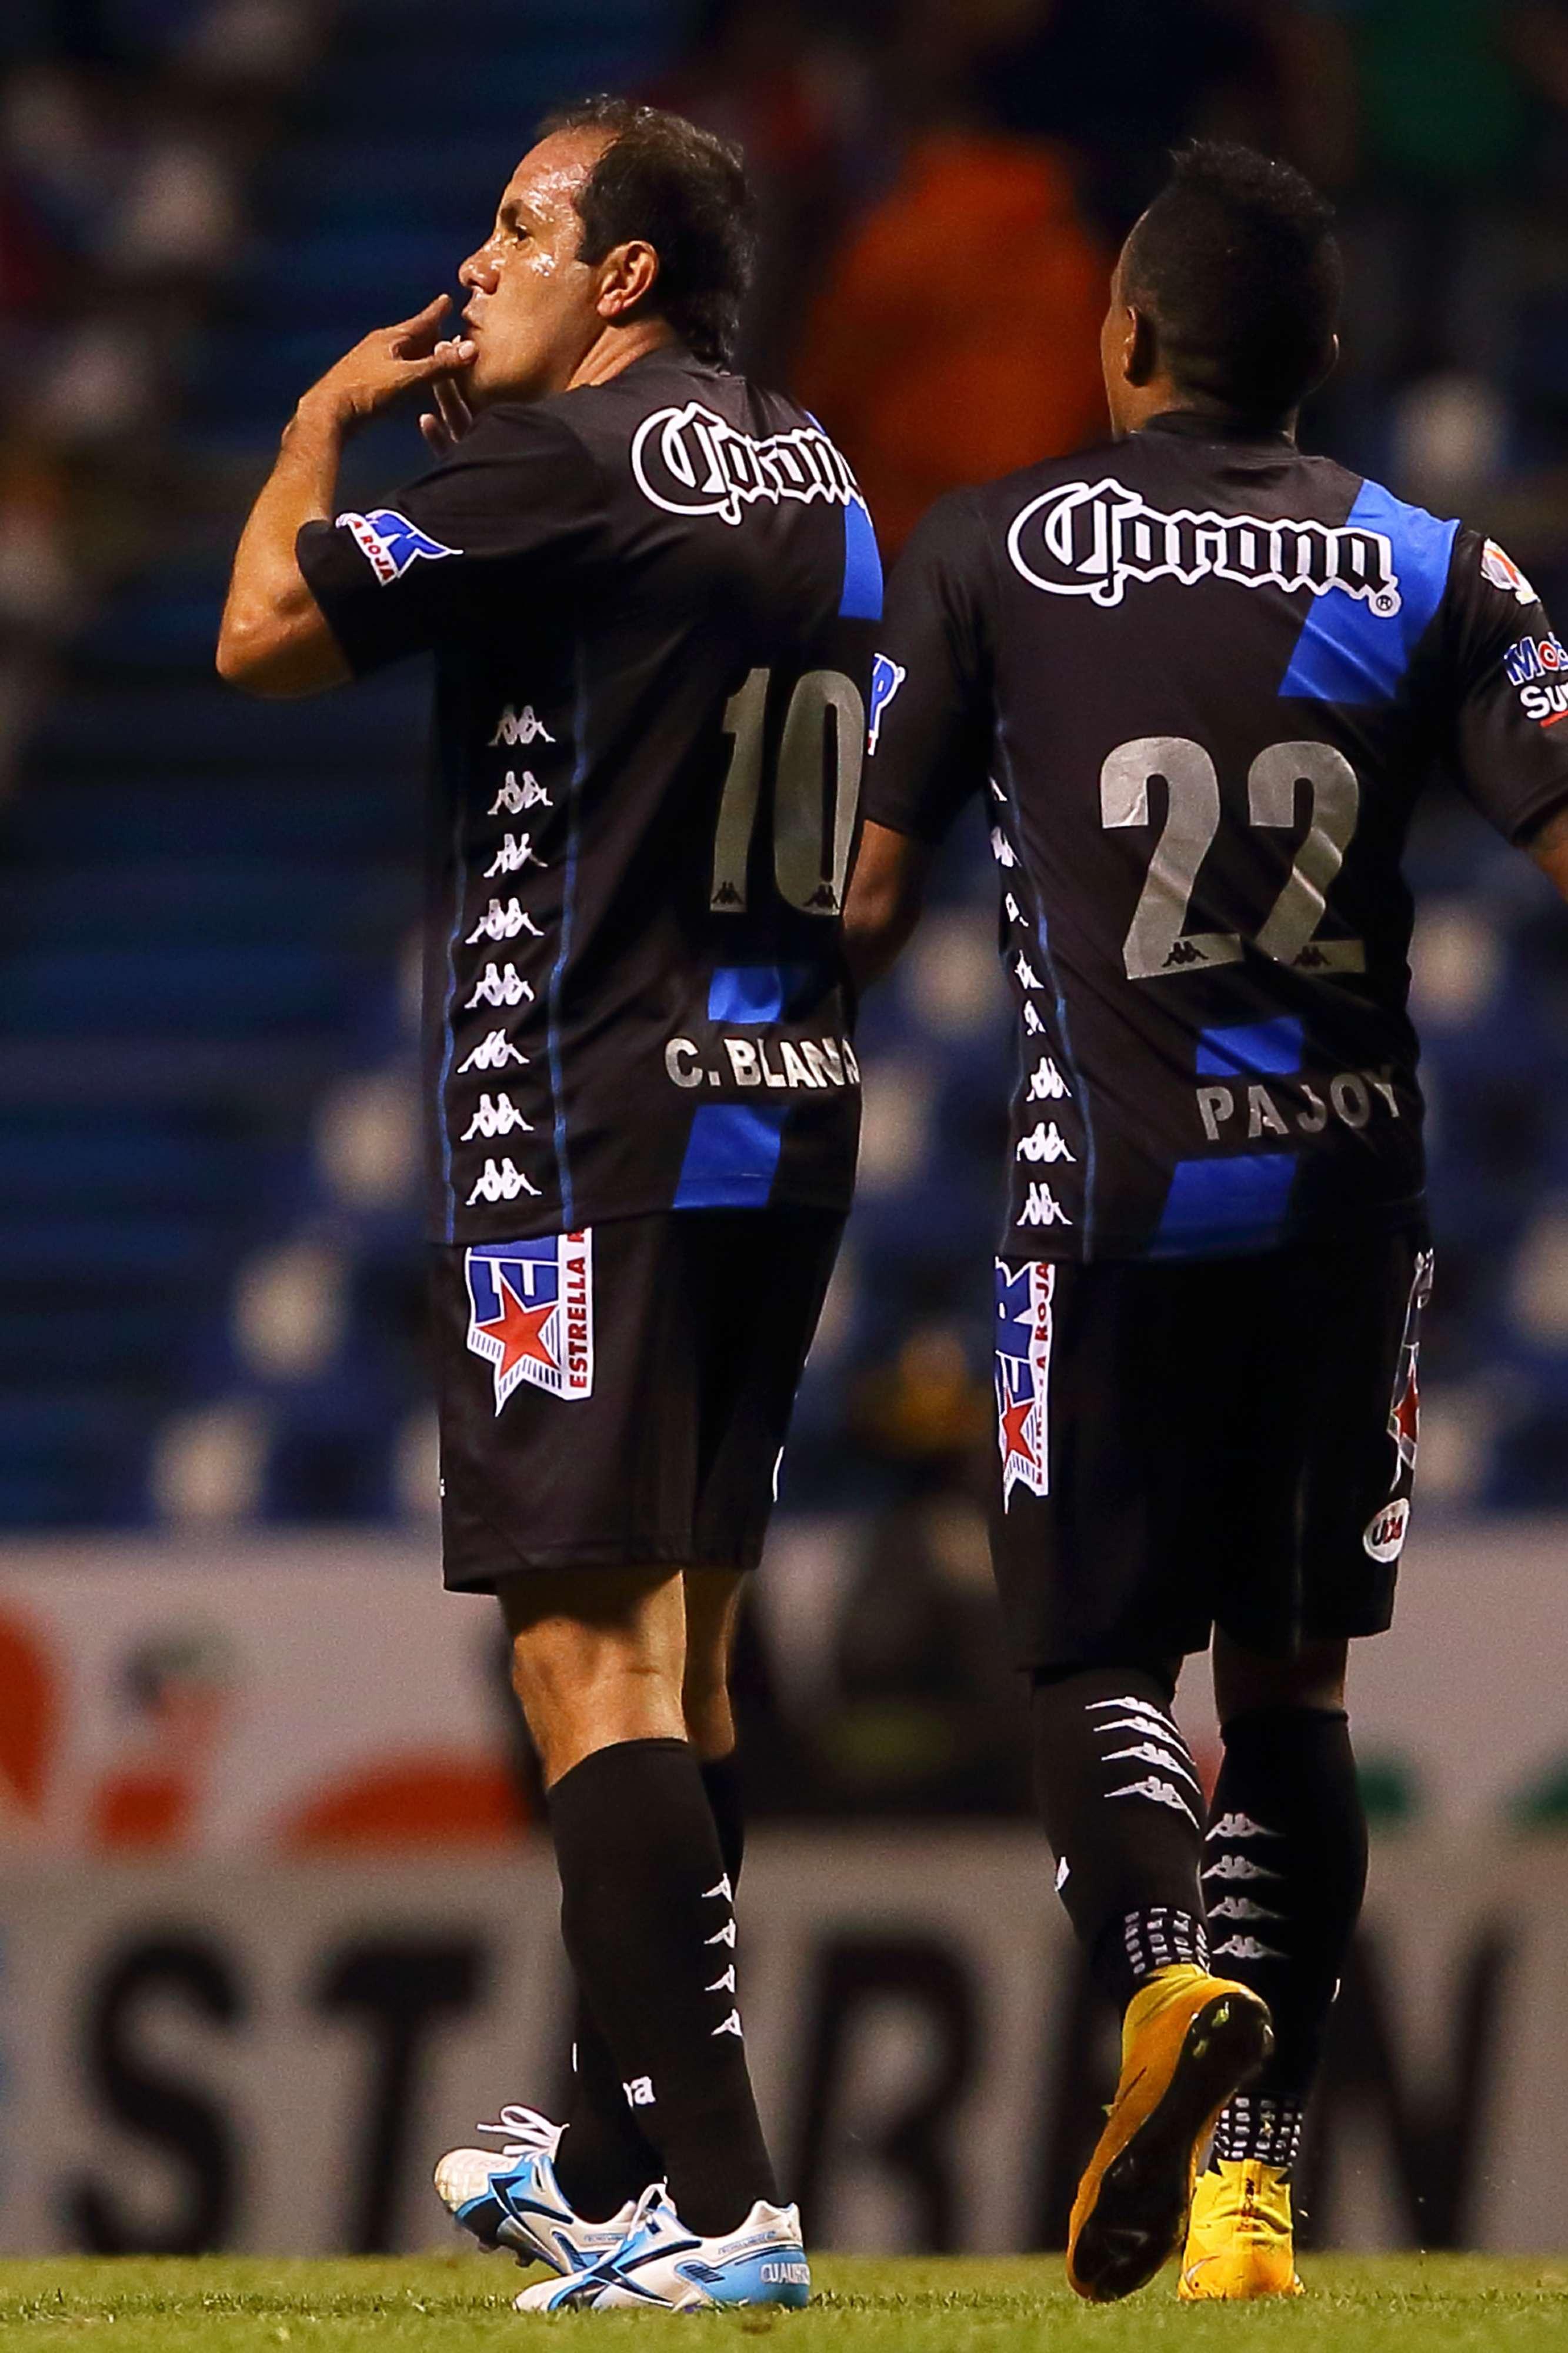 Cuauhtémoc Blanco de penal puso el definitivo 3-3 entre Santos y Puebla. Foto: Mexsport